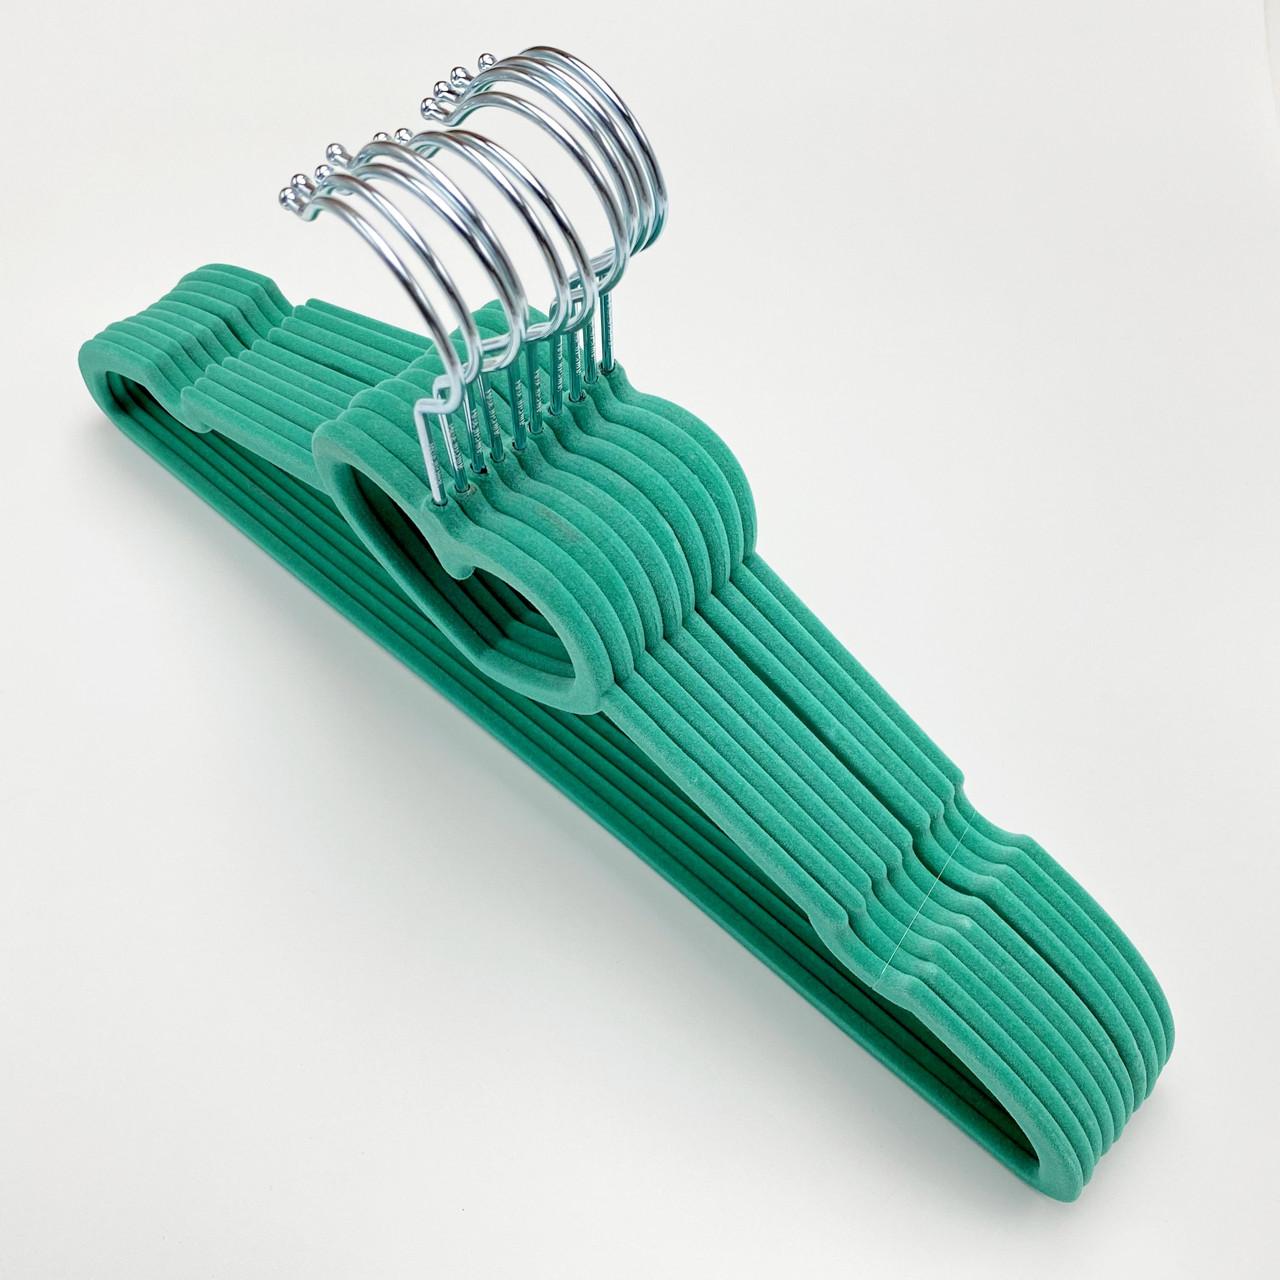 Бархатные плечики для одежды 10 шт. (флокированные, велюровые) бирюзового цвета сердце